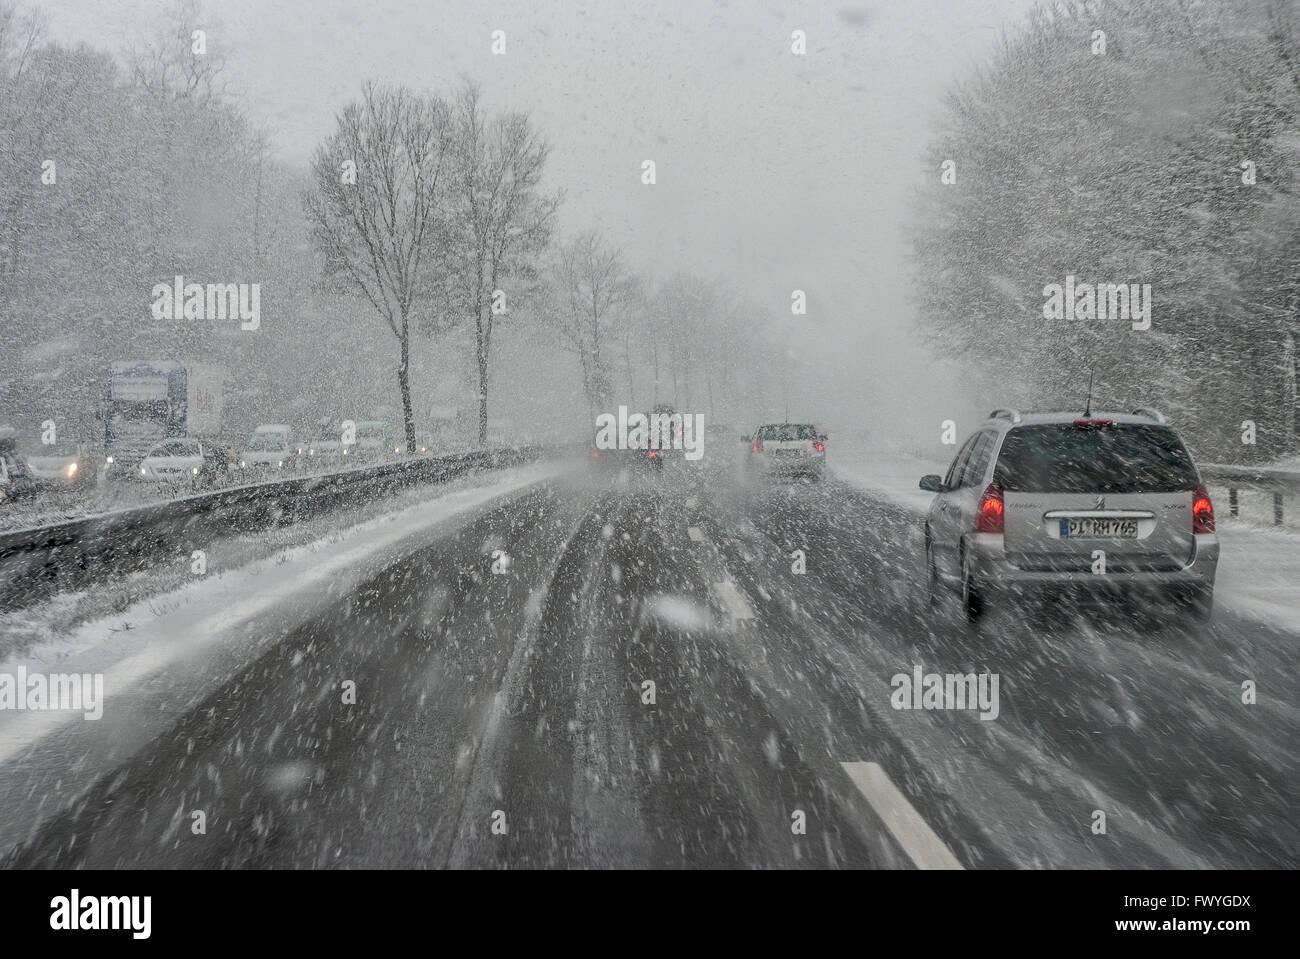 Autos mit fallenden Schnee und Eis, Autobahn A7, schlechte Sicht, Bayern, Deutschland Stockbild